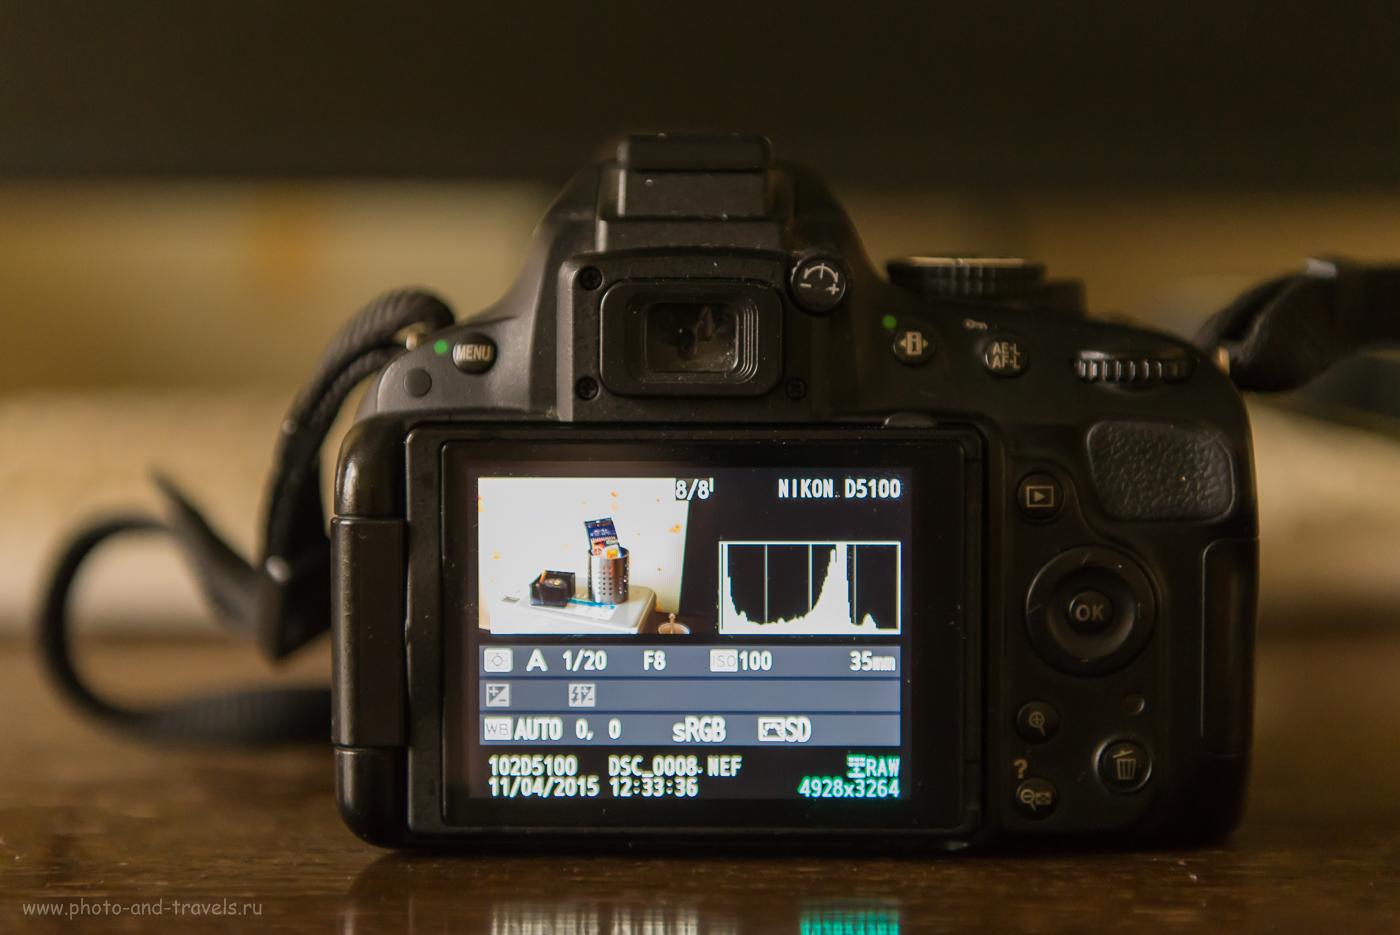 """Фото 3. Вид гистограммы на экране фотоаппарата Nikon D5100. Чтобы показать график, на джойстике нажимаю клавишу """"Вверх"""", чтобы спрятать - еще раз."""